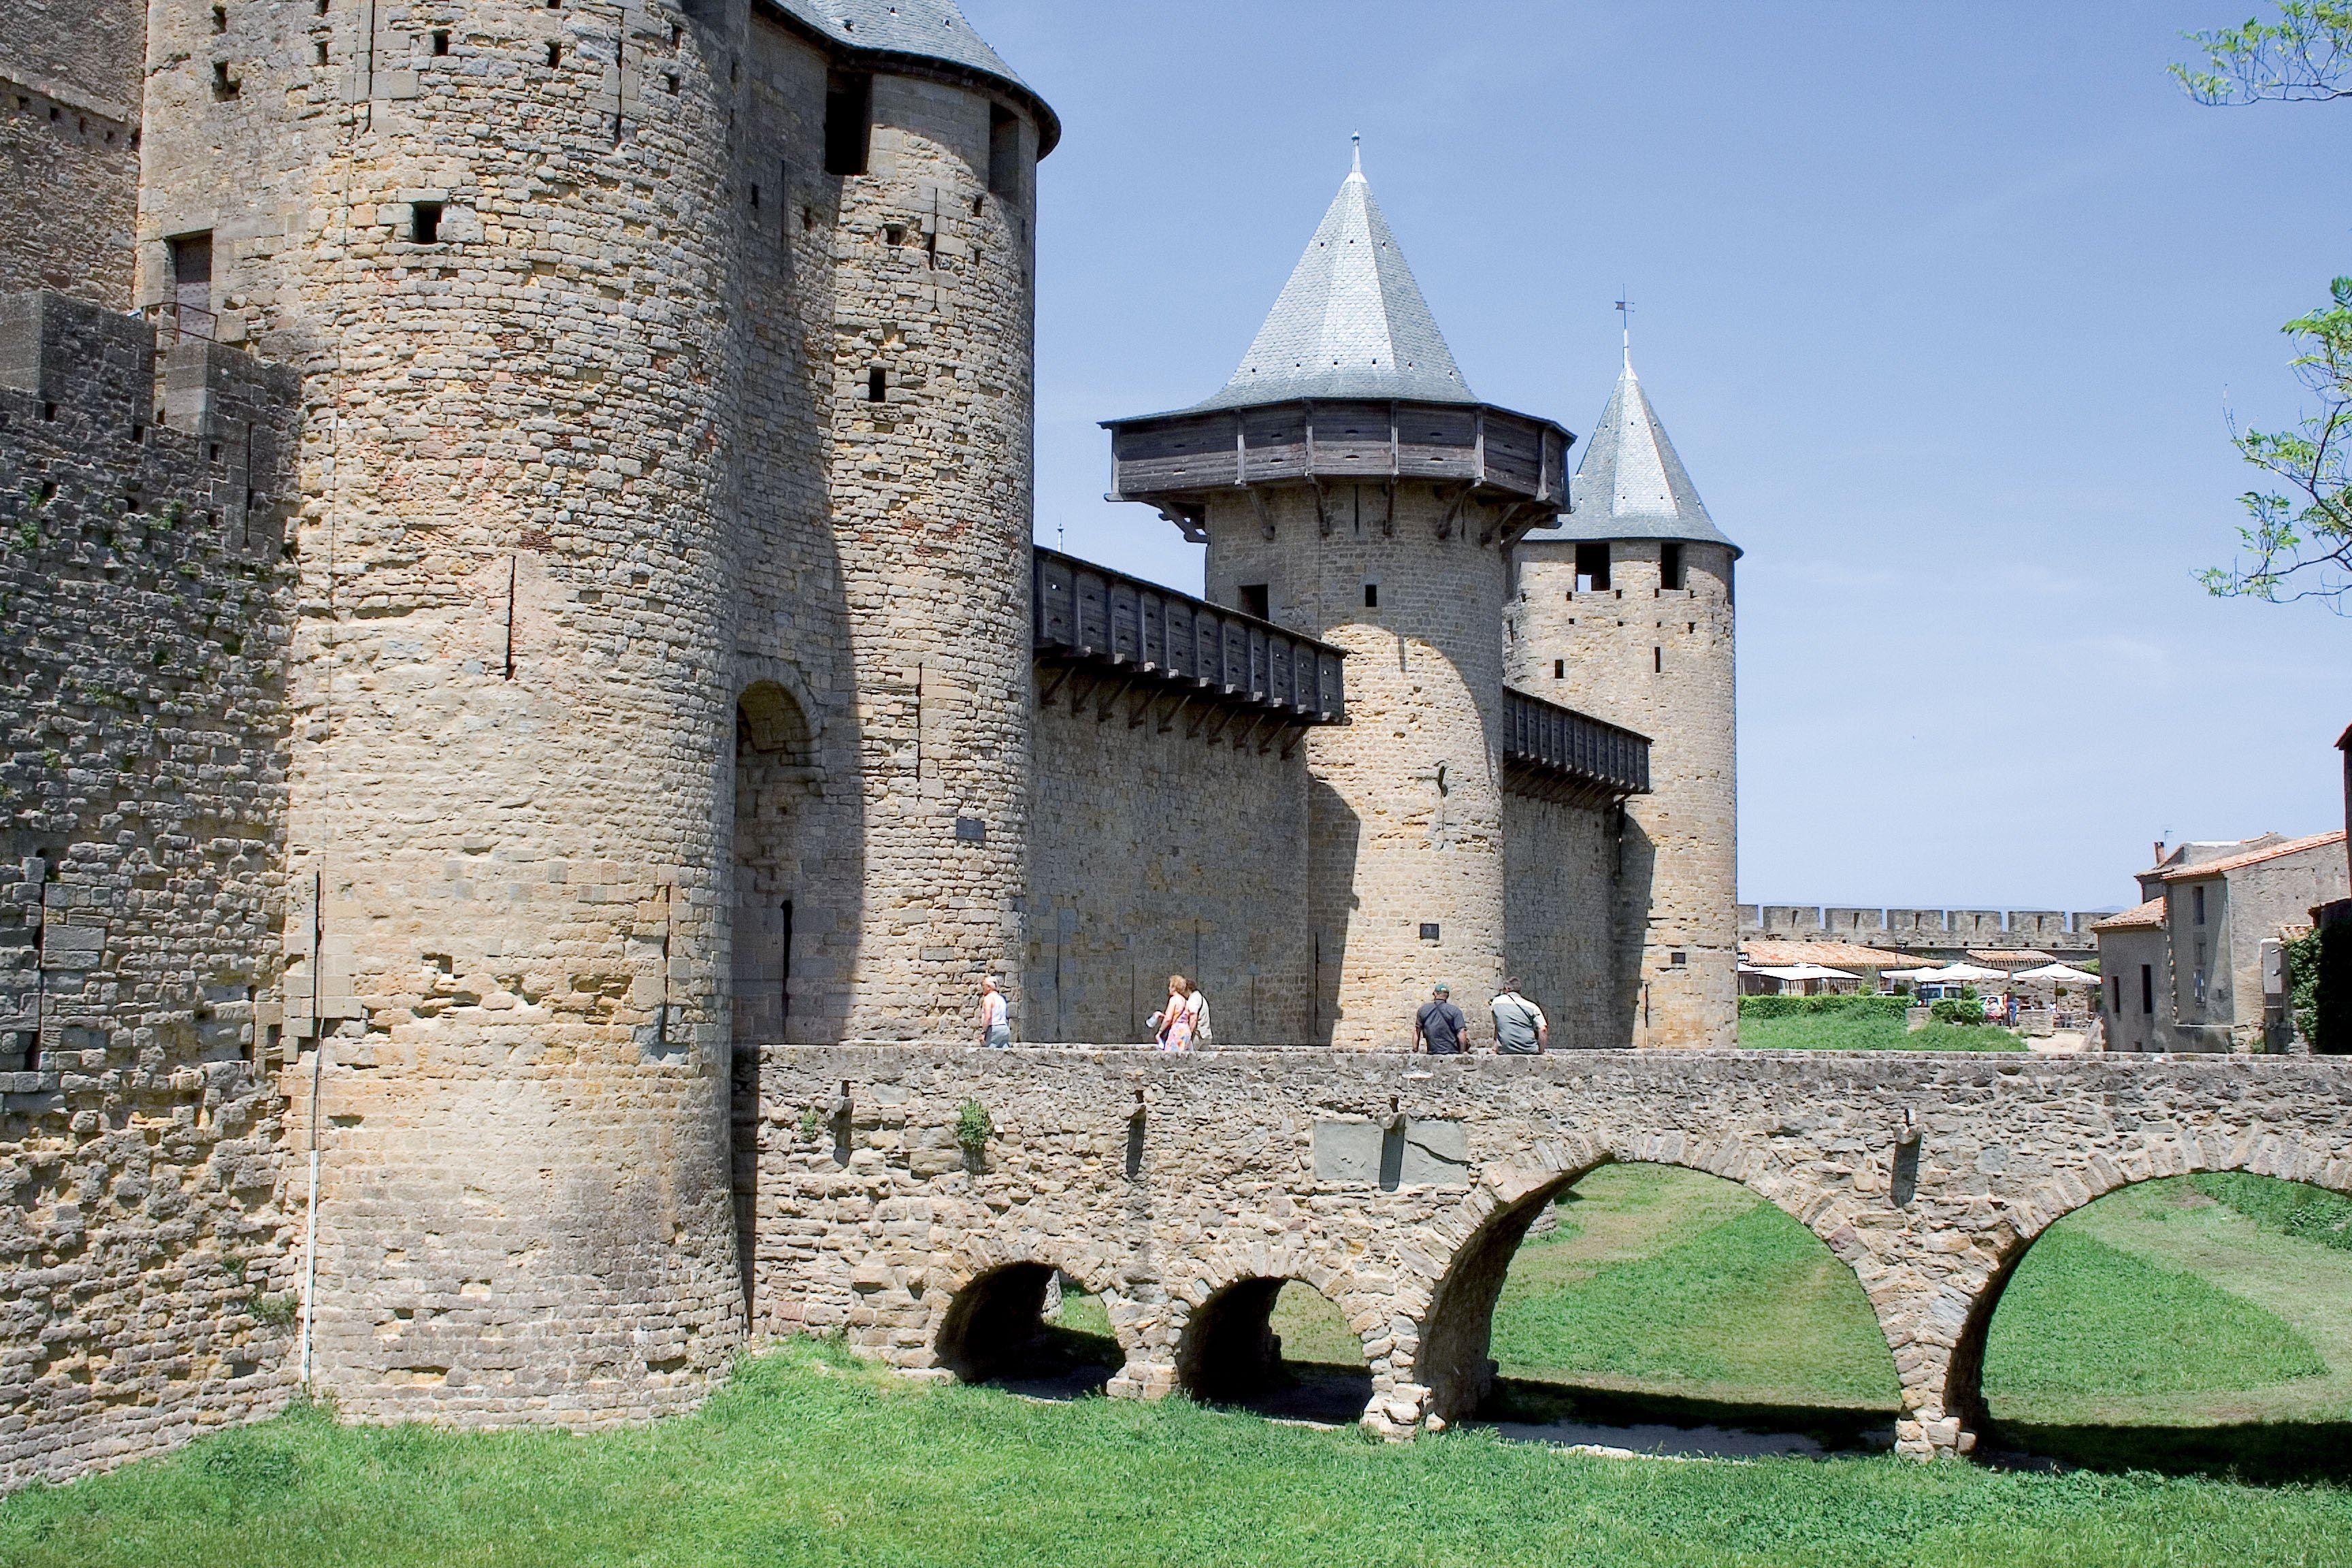 Visite du Château comtal, au cœur de la Cité médiévale